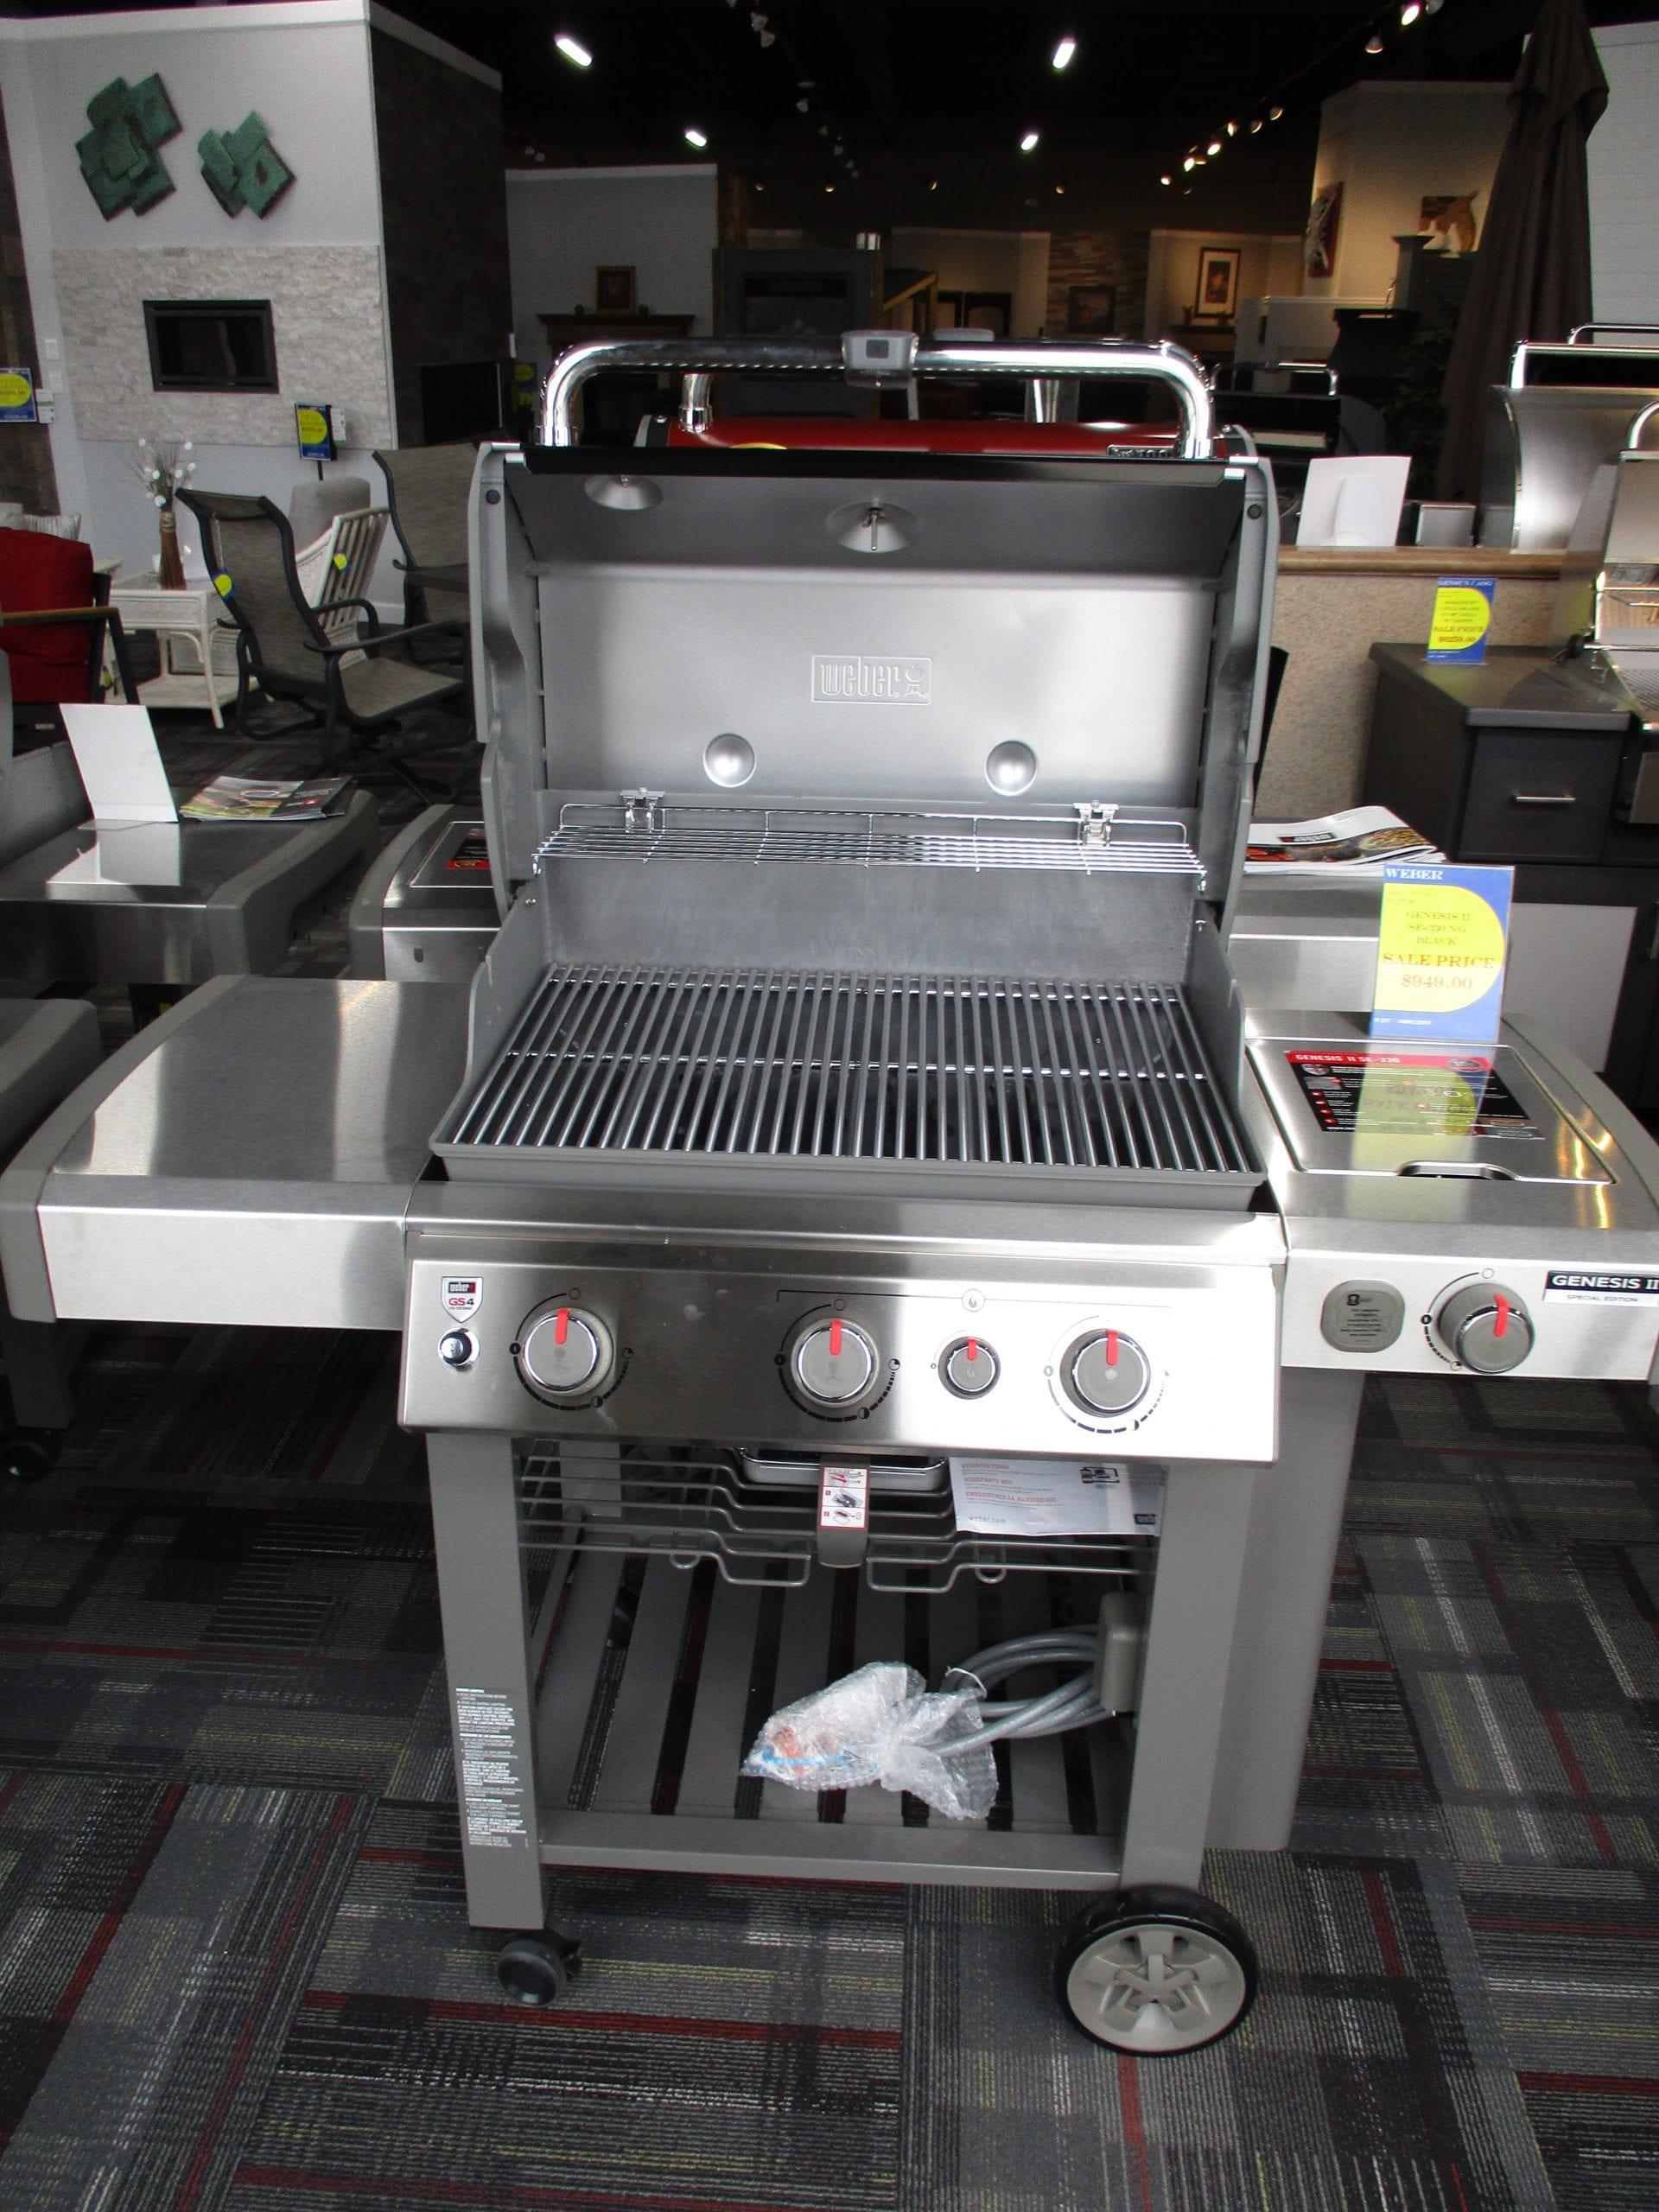 Open Genesis SE330 Grill